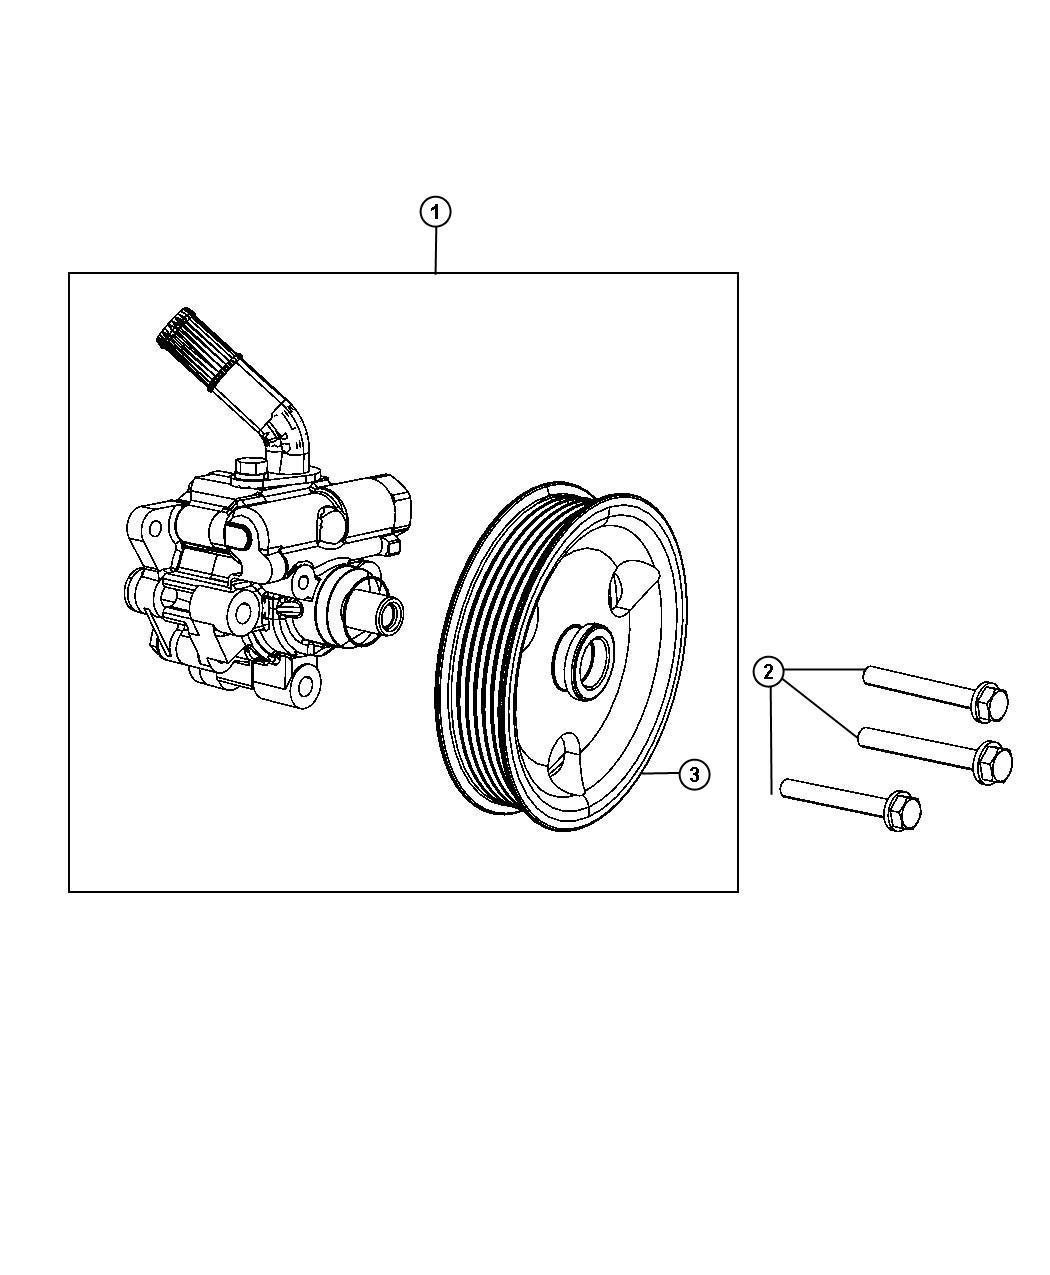 Dodge Durango Pump Power Steering